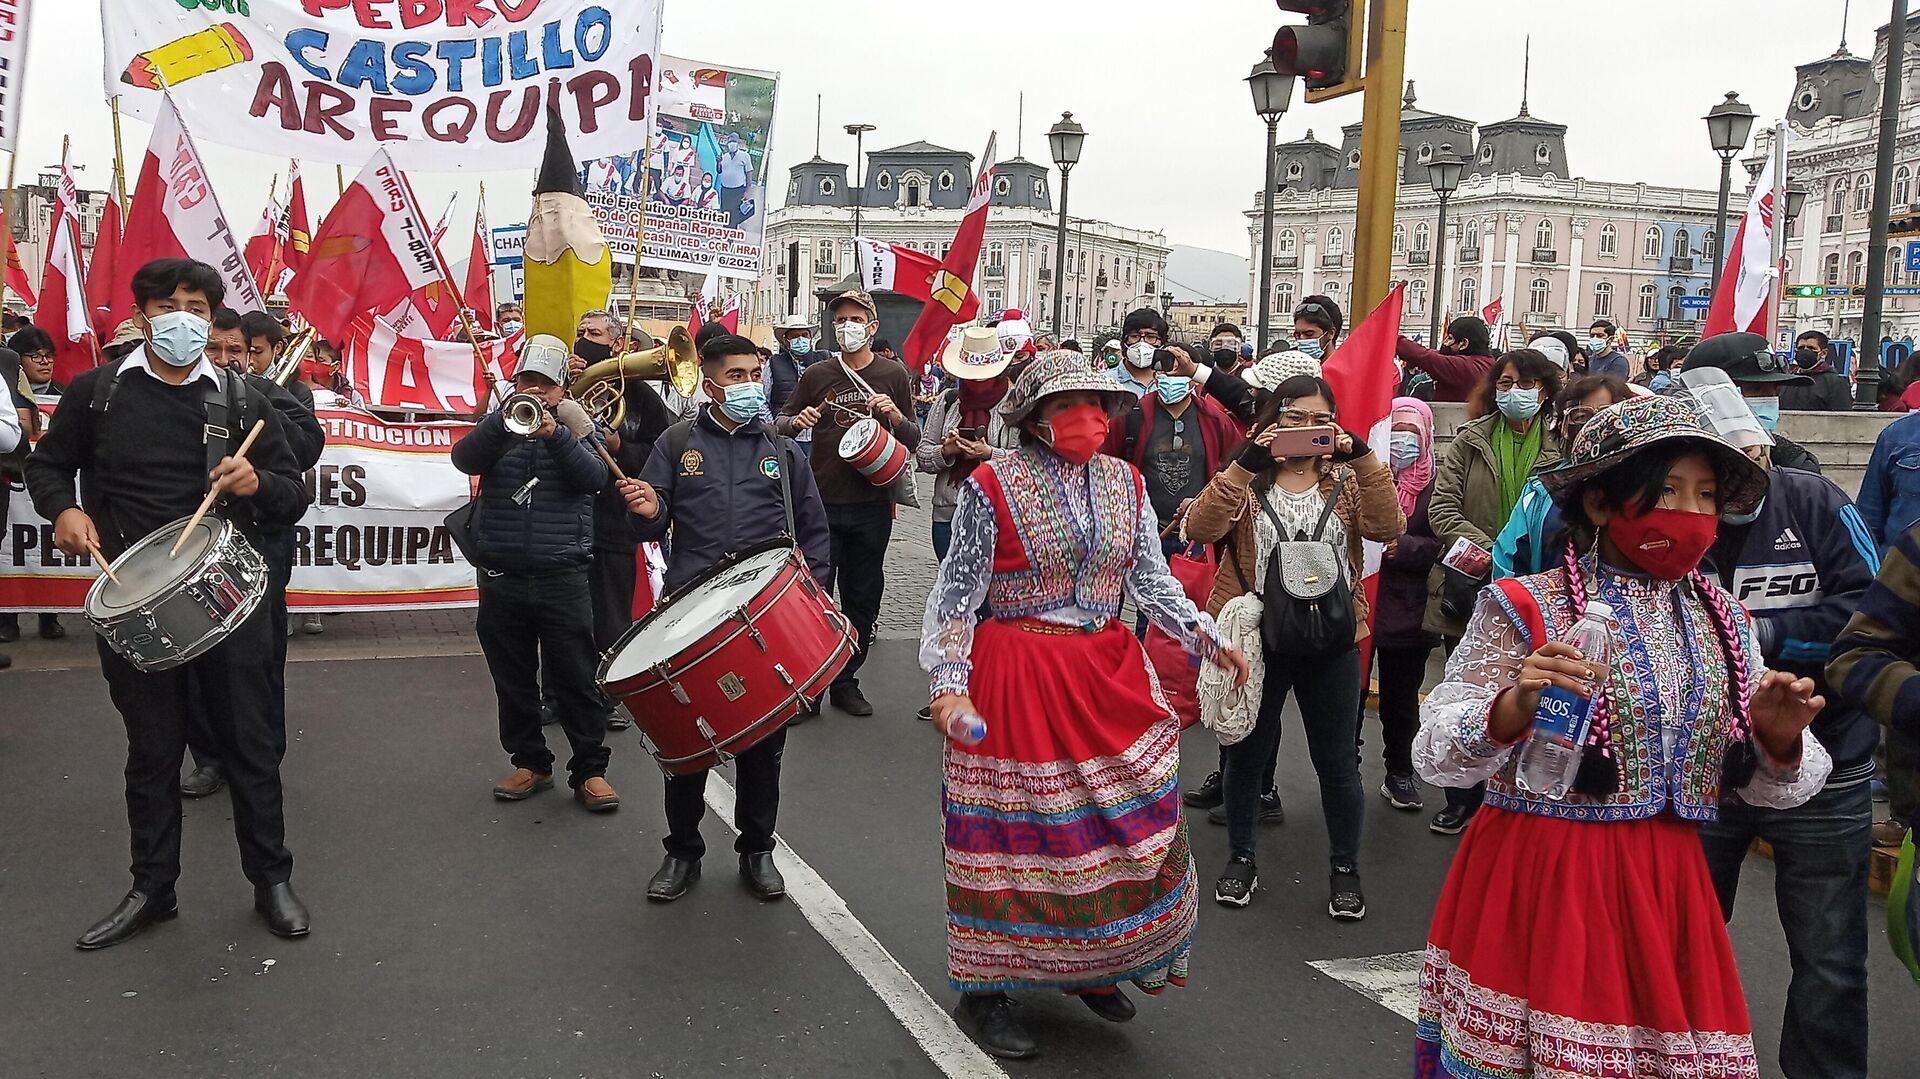 Una masiva marcha en defensa de los votos tras las presidenciales en Perú - Sputnik Mundo, 1920, 20.06.2021